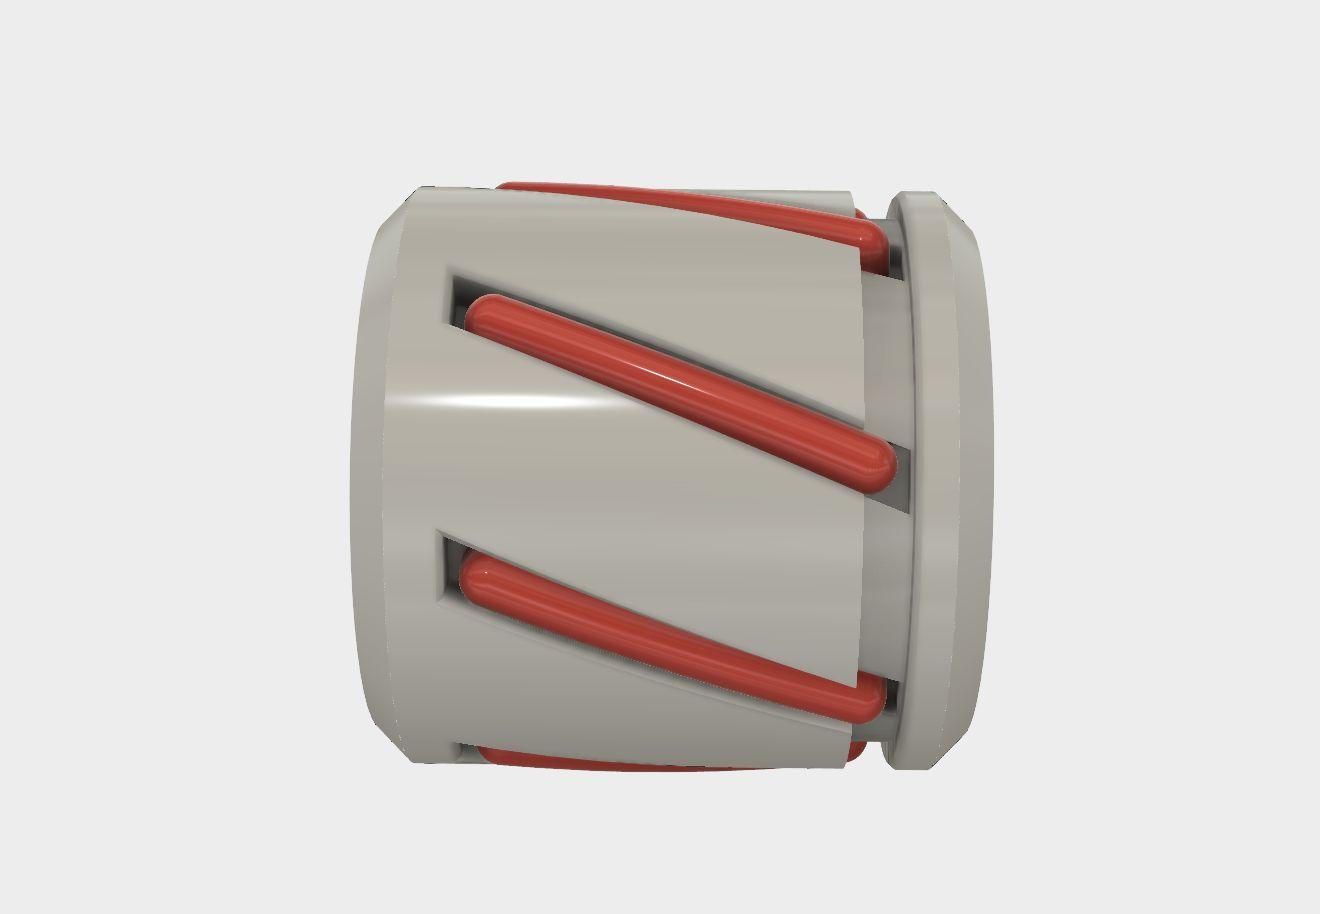 Rolling-the-roller-v1-v2c-3500-3500